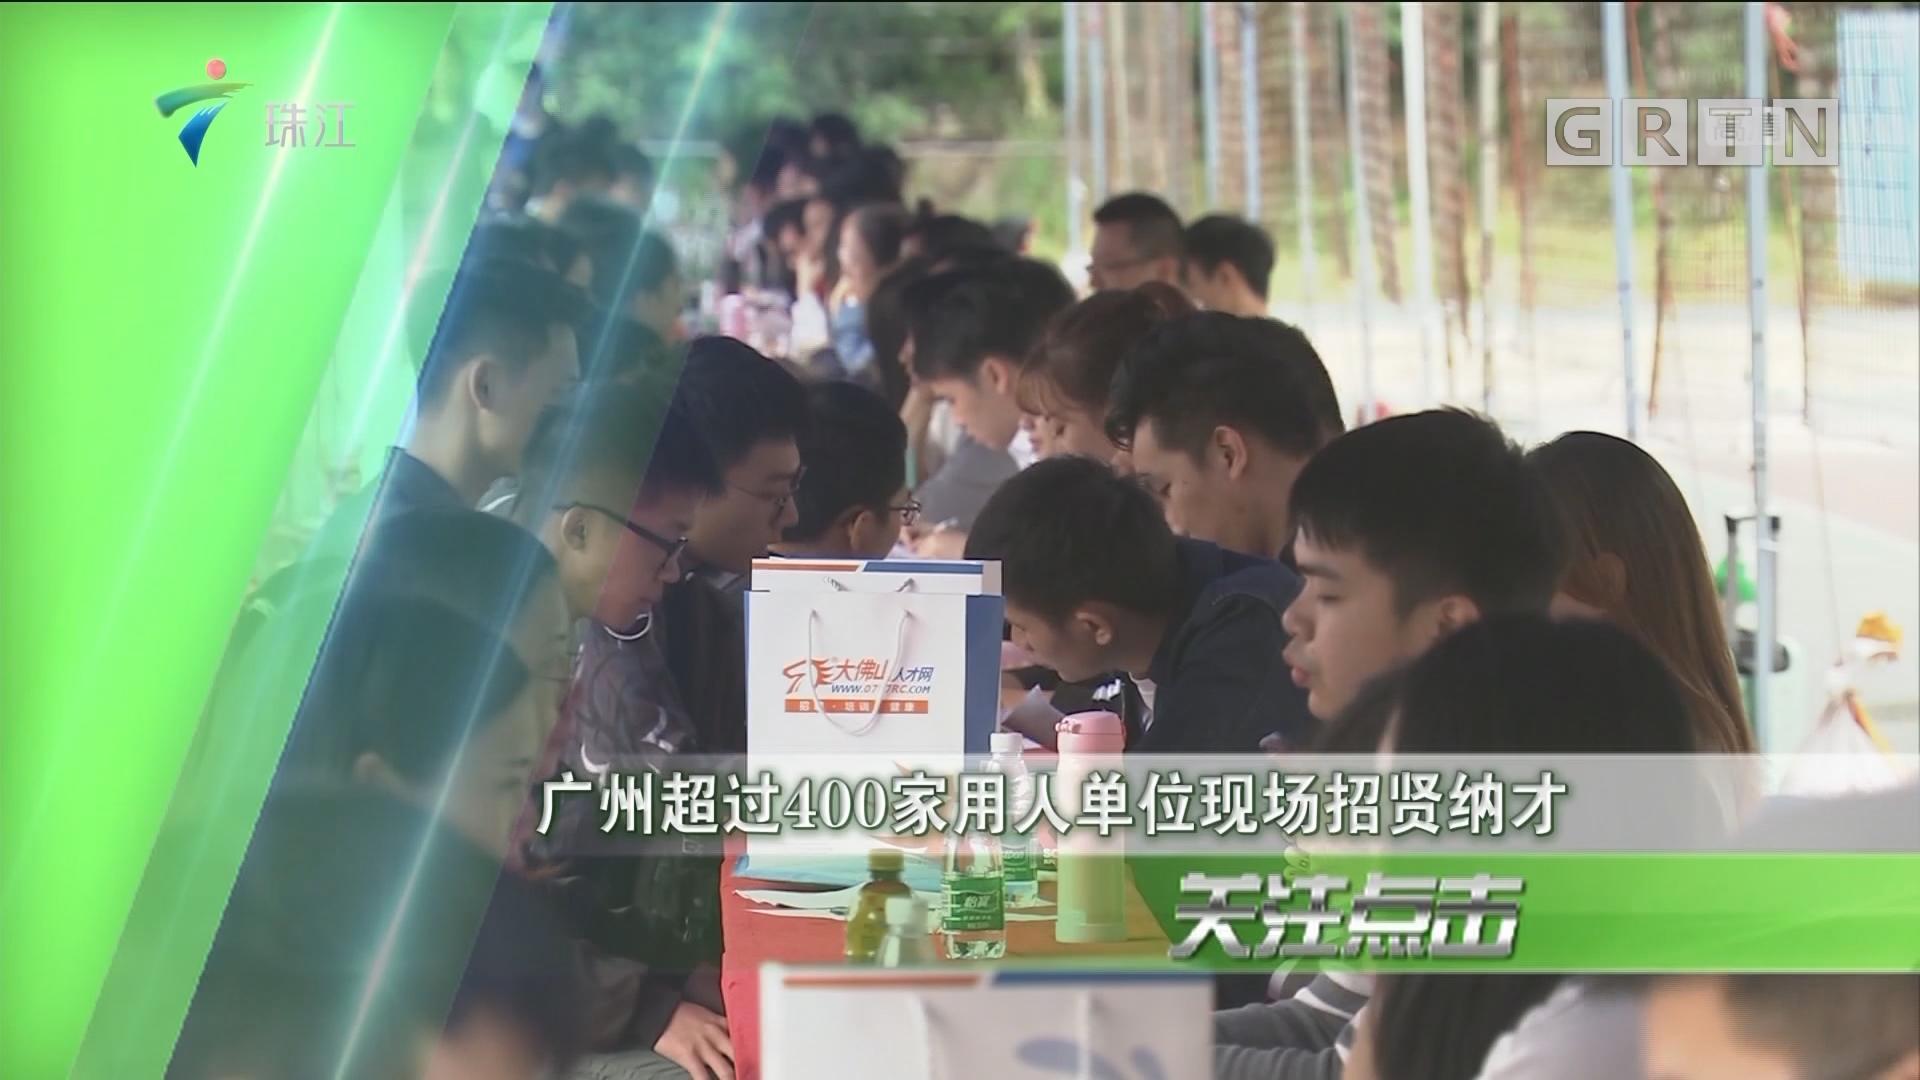 广州超过400家用人单位现场招贤纳才